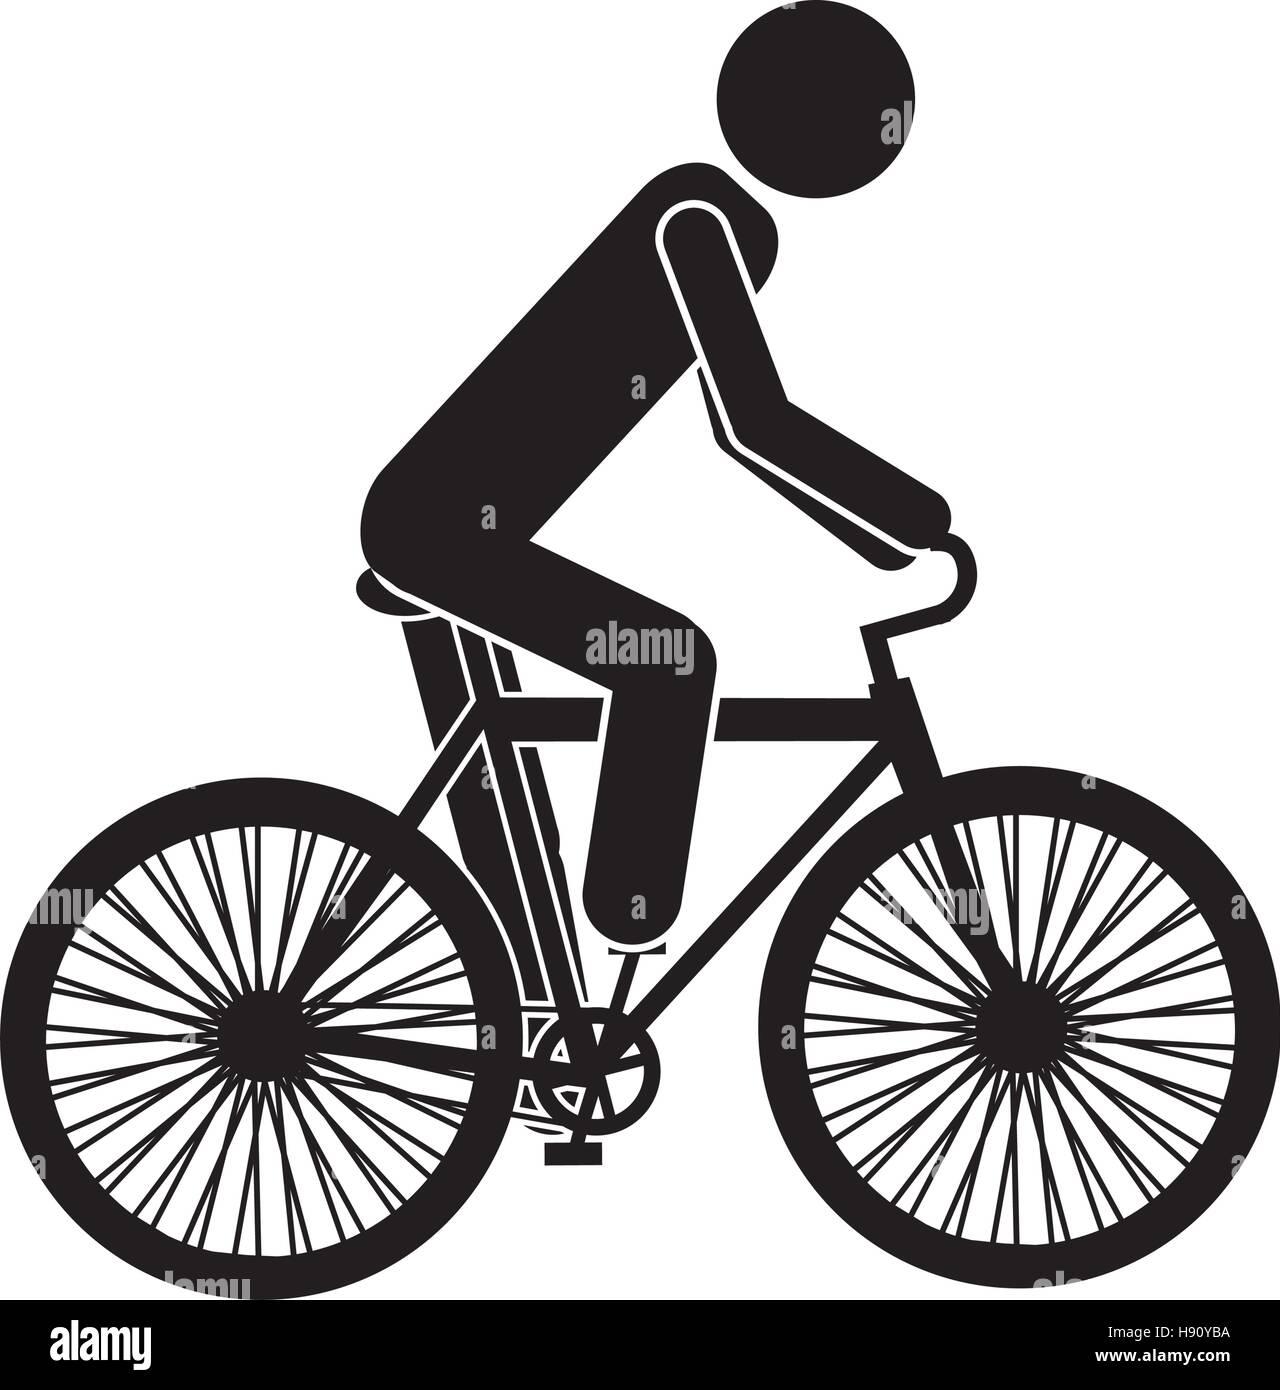 El diseño del vehículo bicicleta aislado Imagen De Stock